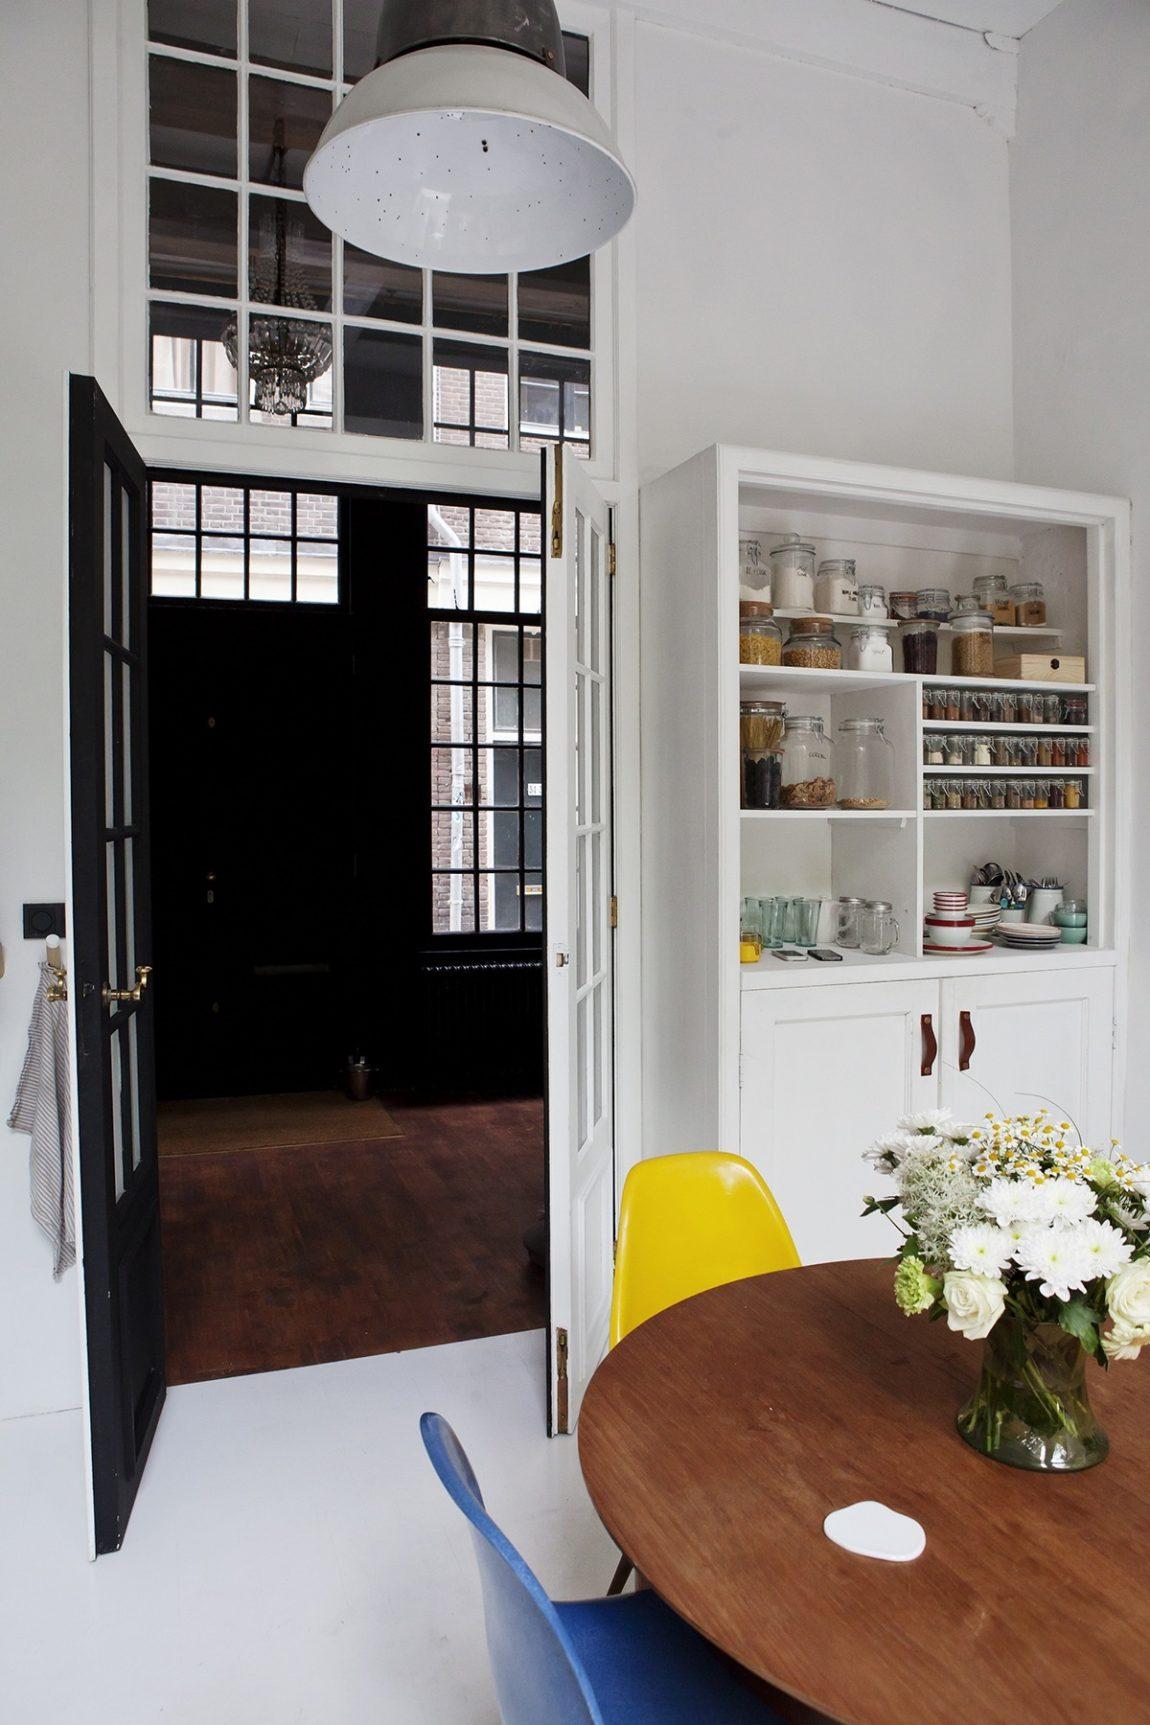 eclectische-keuken